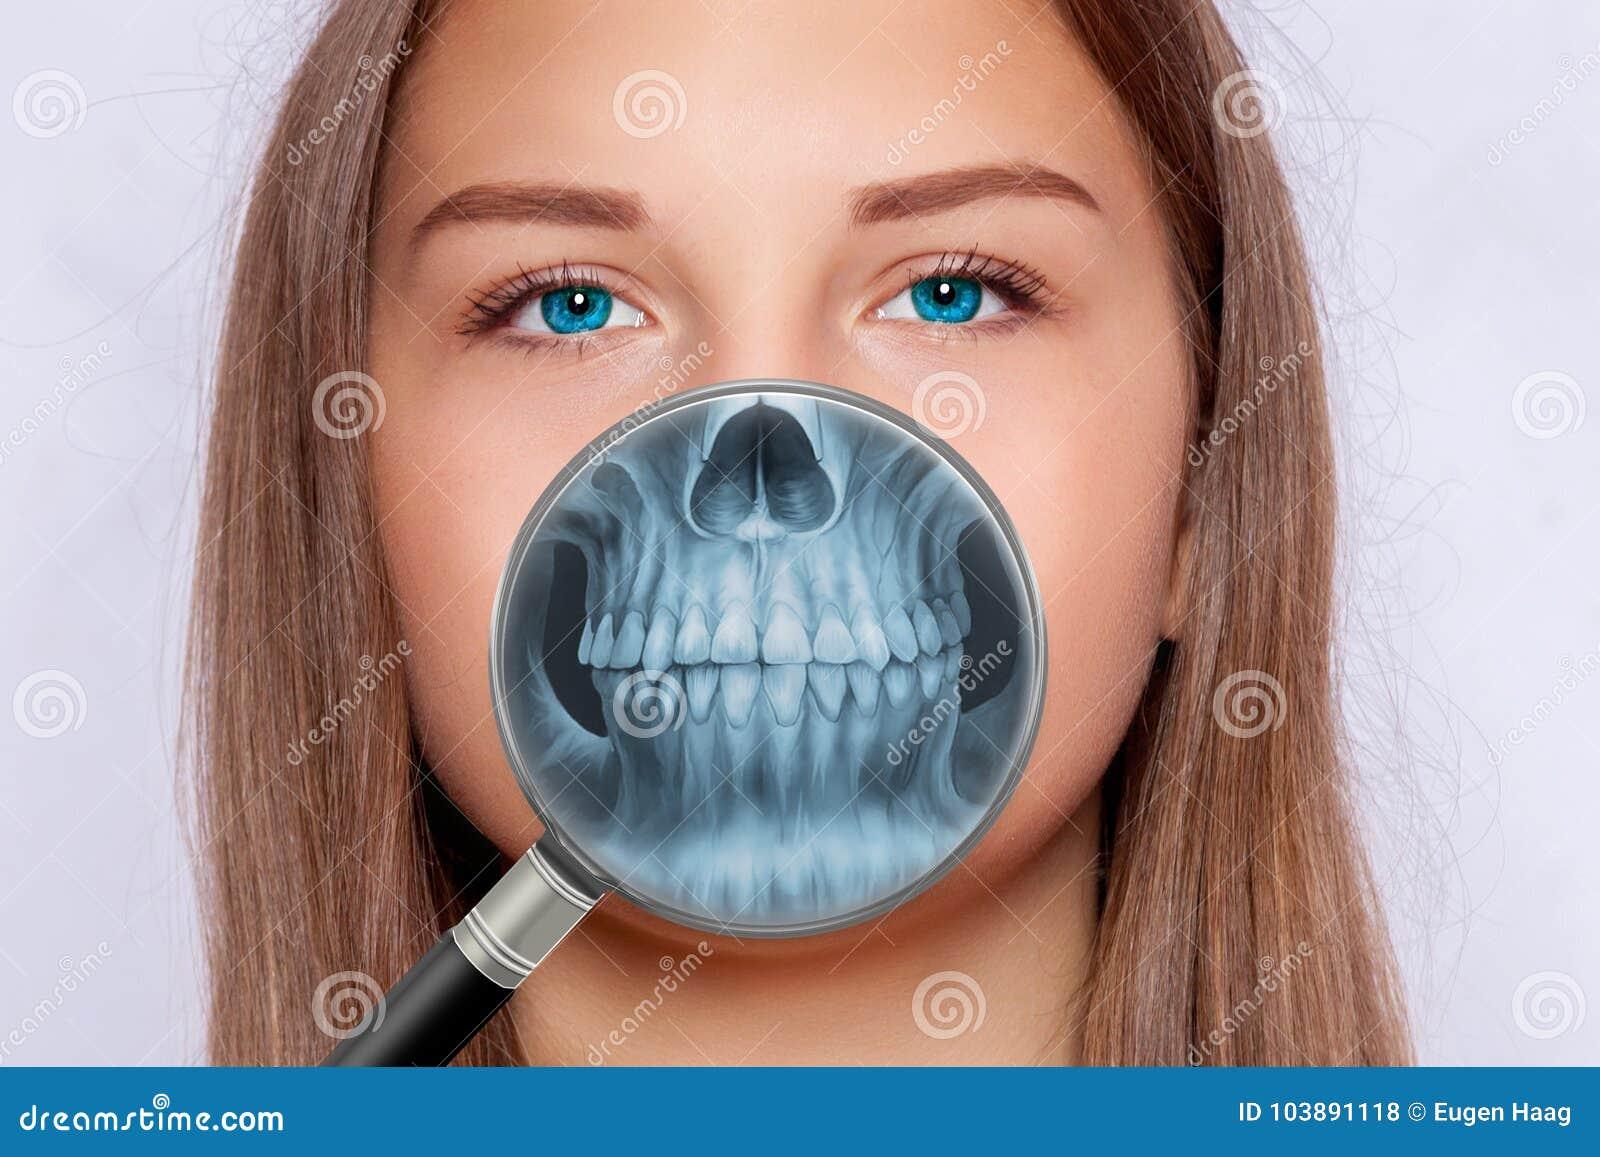 Radiografía De La Cara, Odontología, Mujer Foto de archivo - Imagen ...